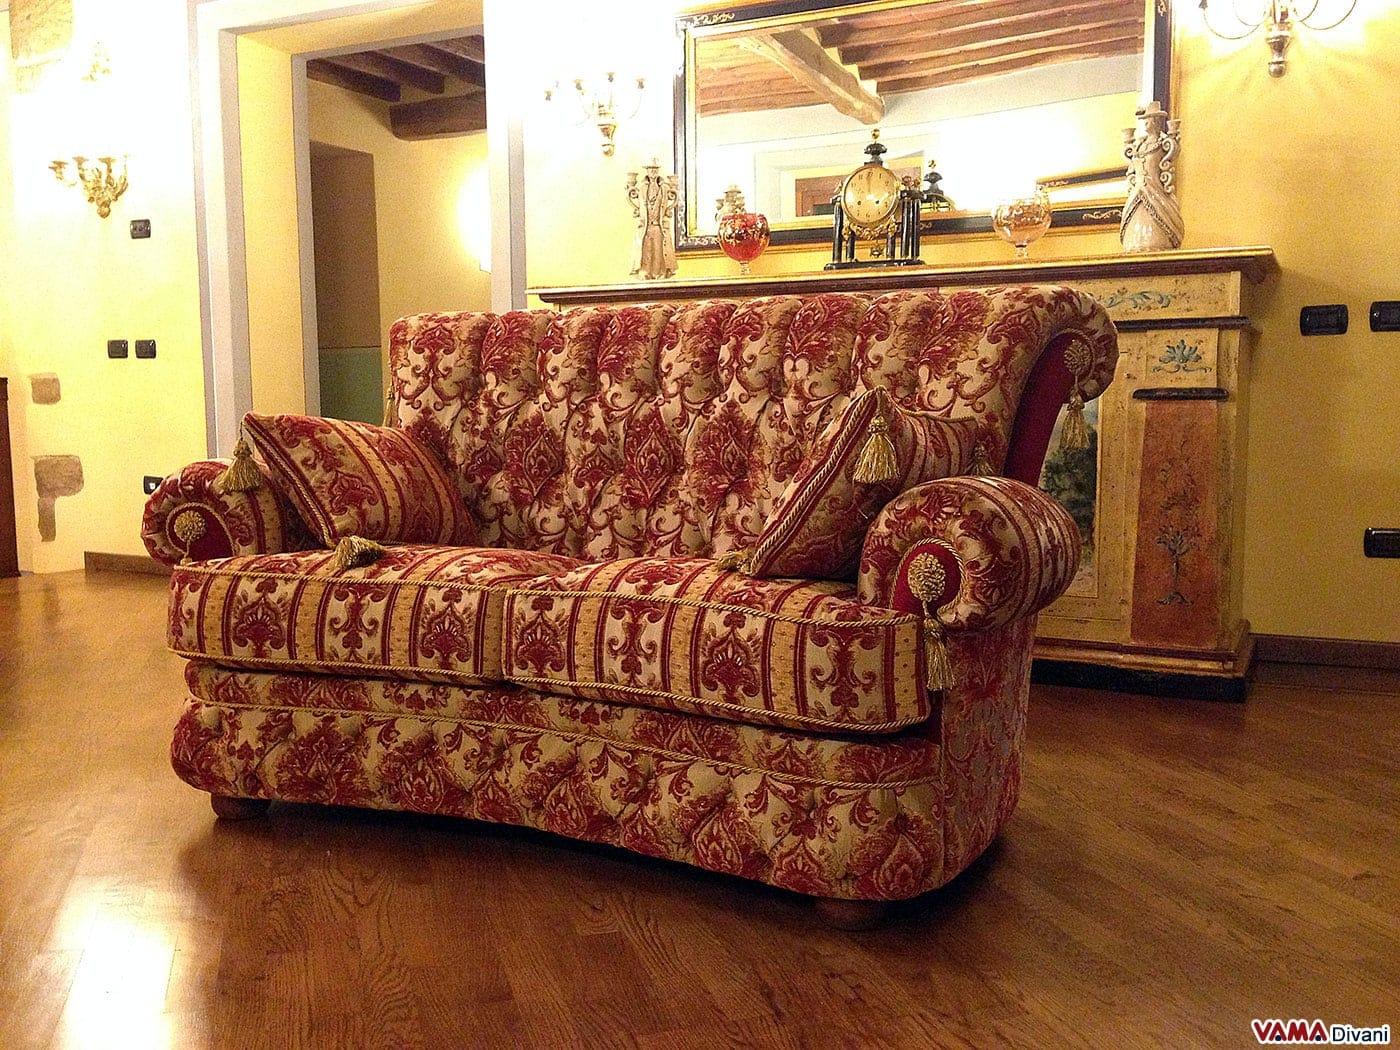 Divano tessuto damascato idee per il design della casa - Divano tessuto damascato ...